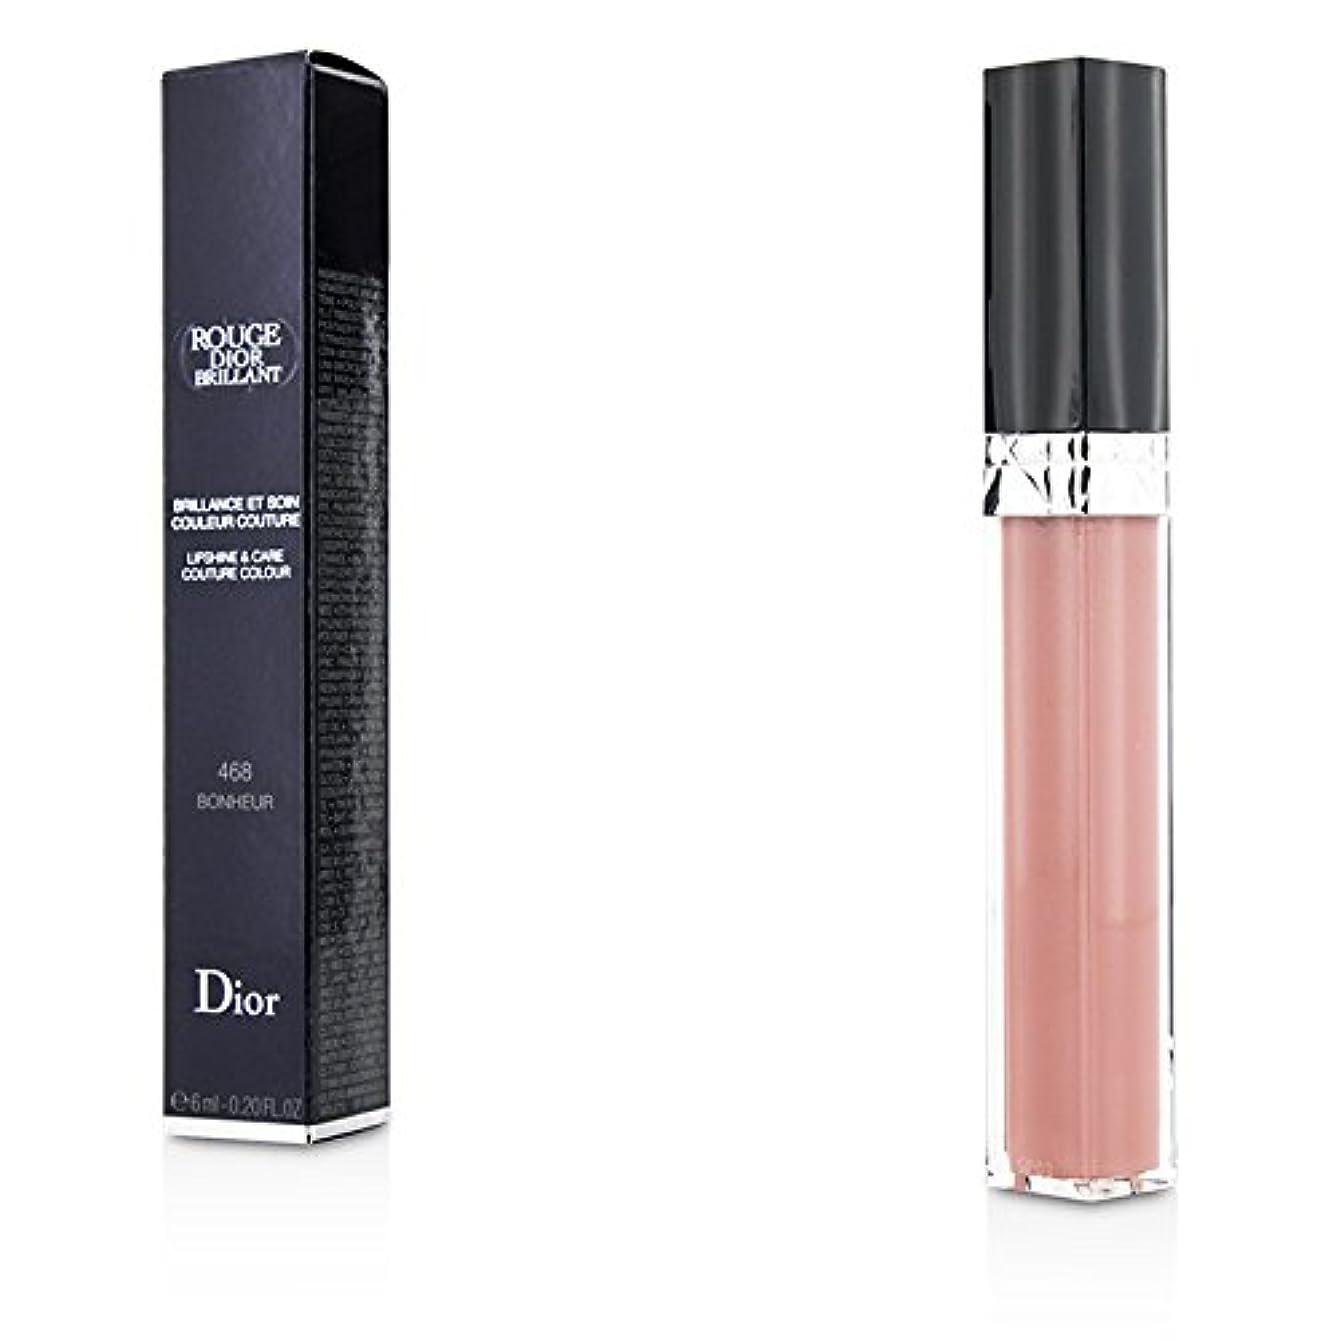 大砲理論的おじさんクリスチャンディオール Rouge Dior Brillant Lipgloss - # 468 Bonheur 6ml/0.2oz並行輸入品